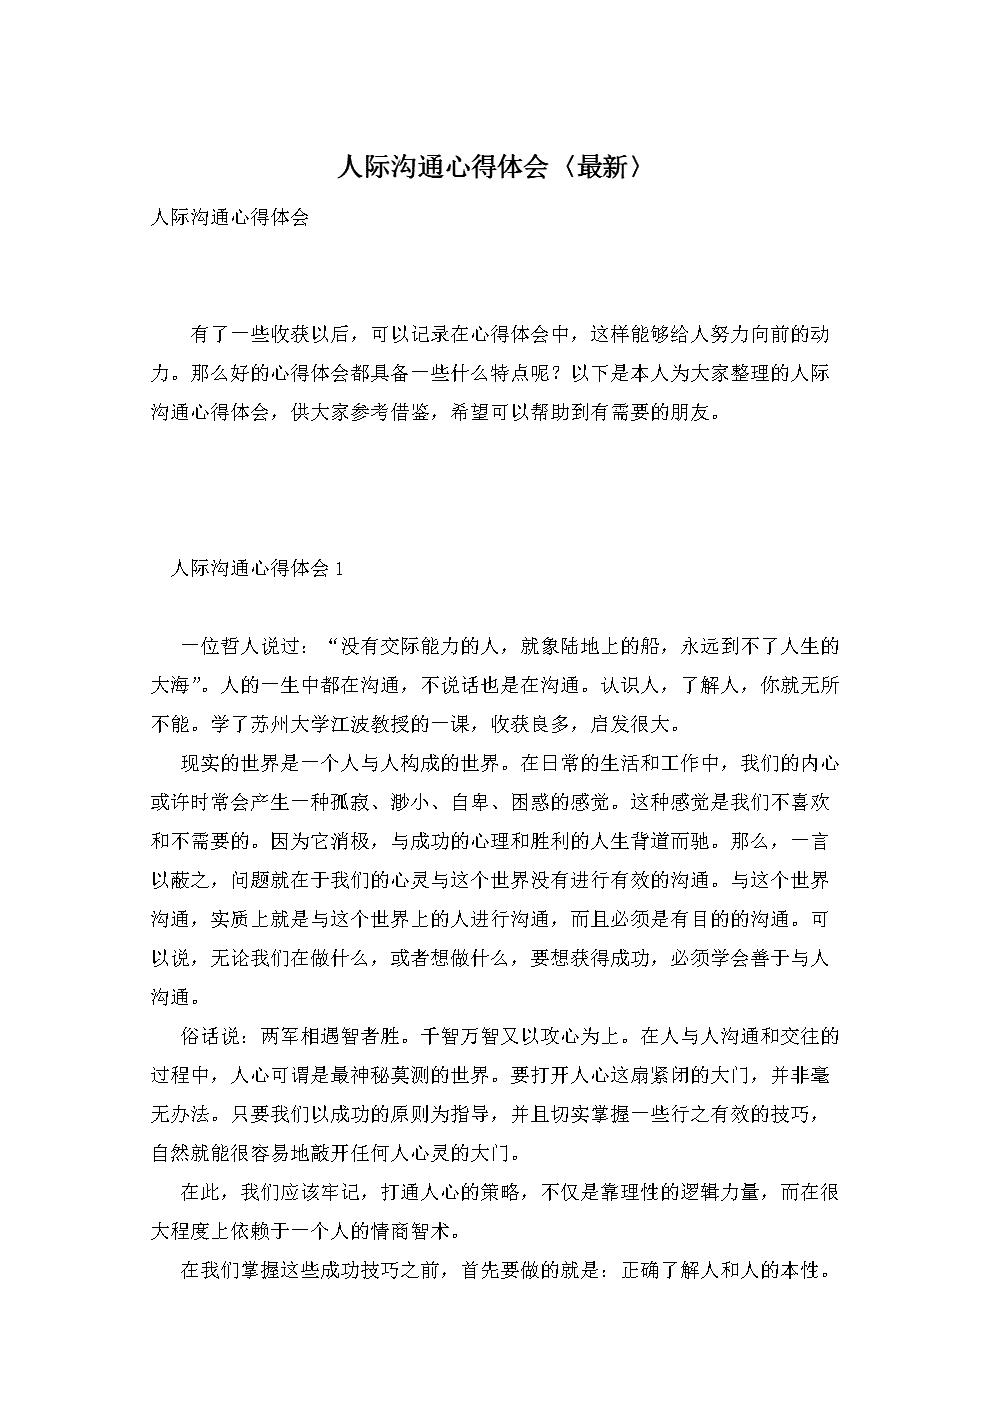 人际沟通心得体会〈最新〉.doc